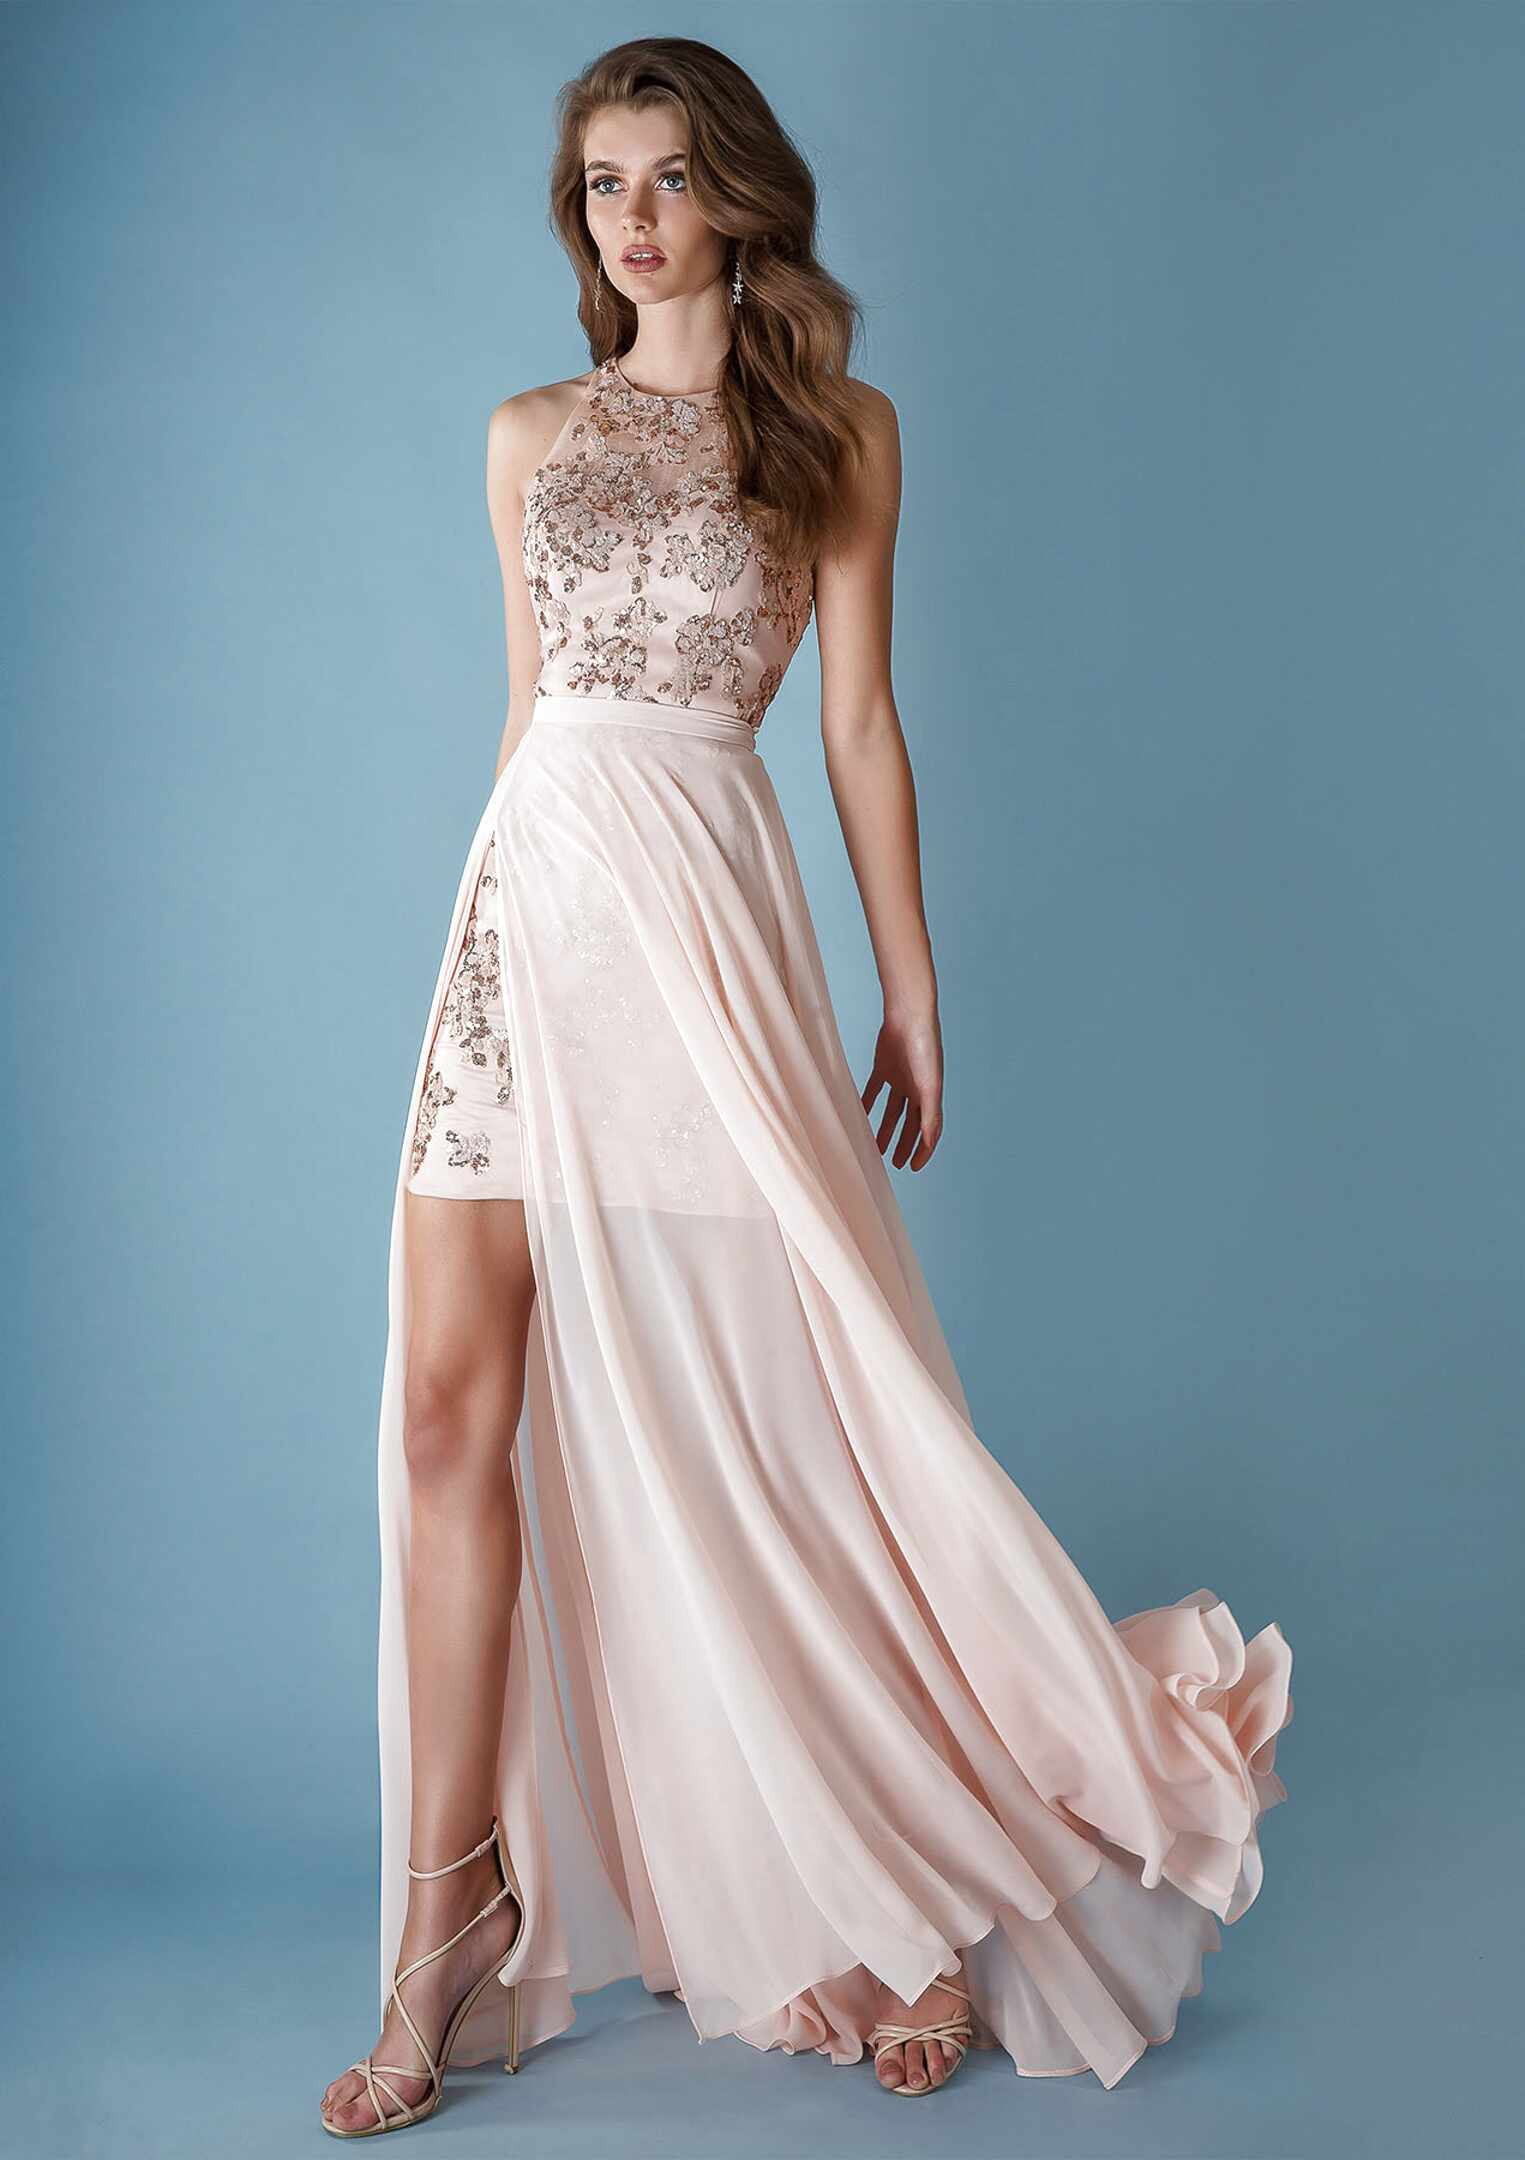 Vestiti Cerimonia Immagini.Vestiti Eleganti Donna Cerimonia Usato In Italia Vedi Tutte I 40